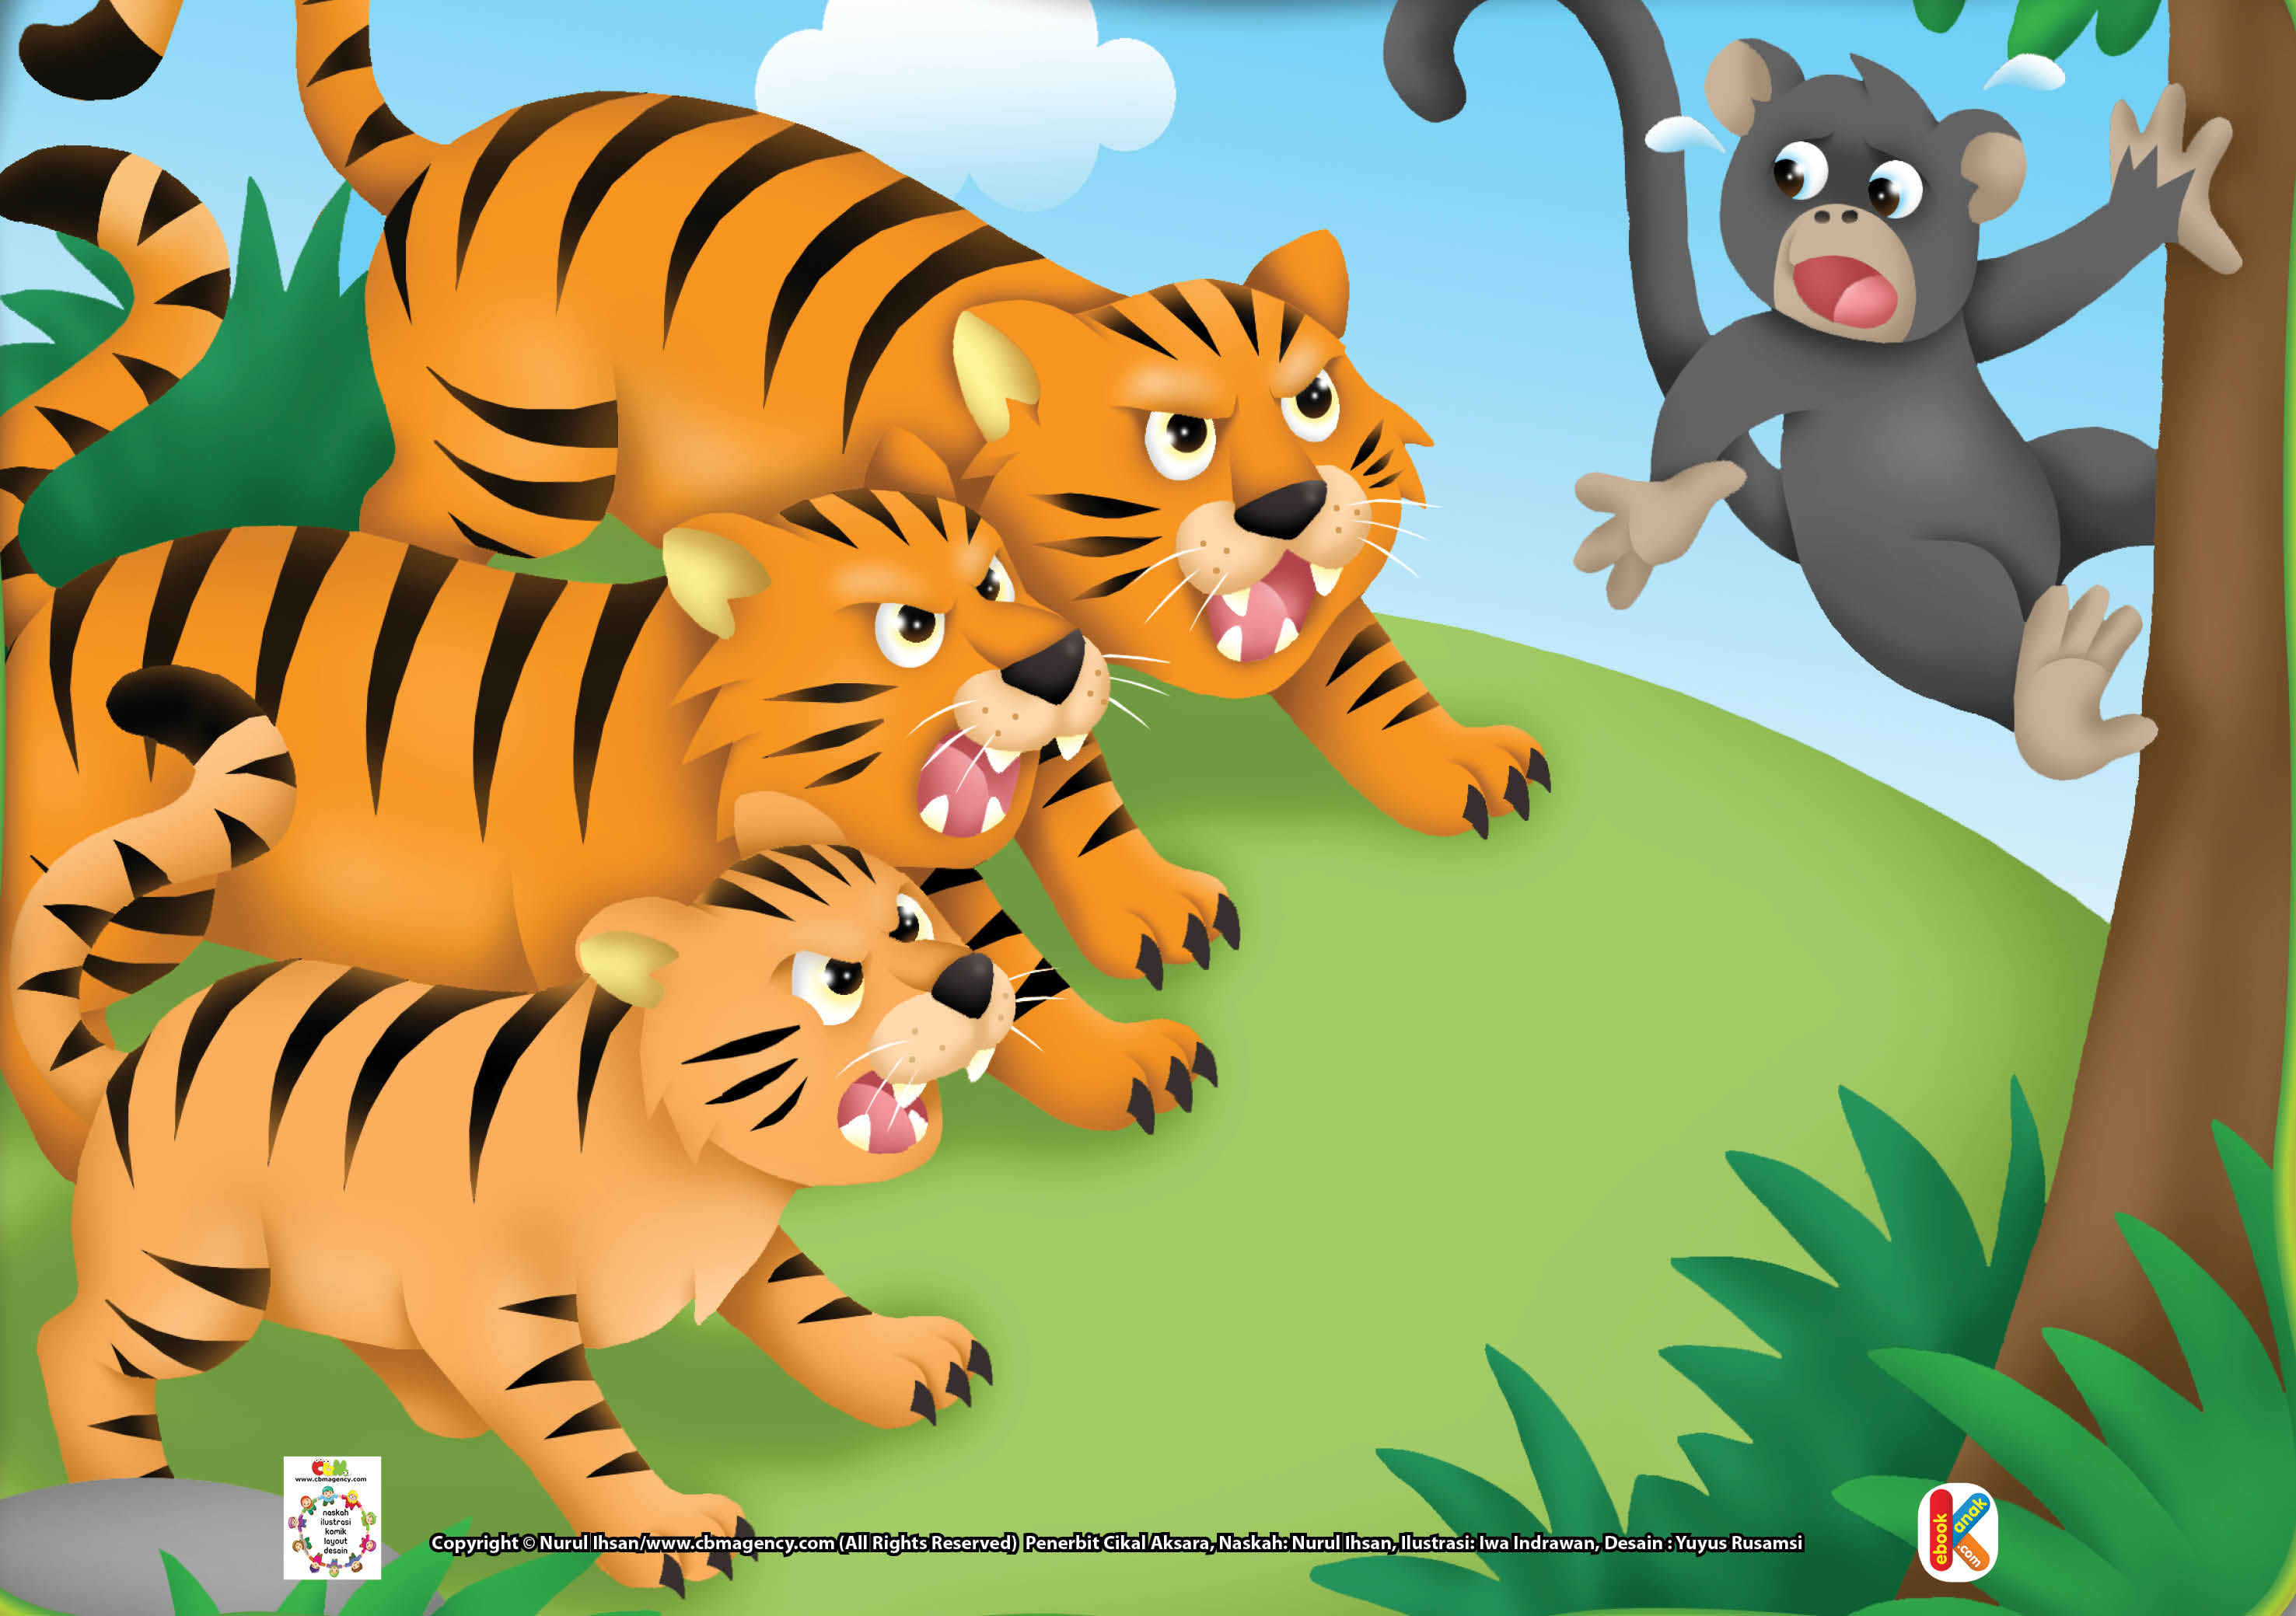 Download Gambar Gratis Jpg 12 Tatapan Harimau Yang Bisa Menjatuhkan